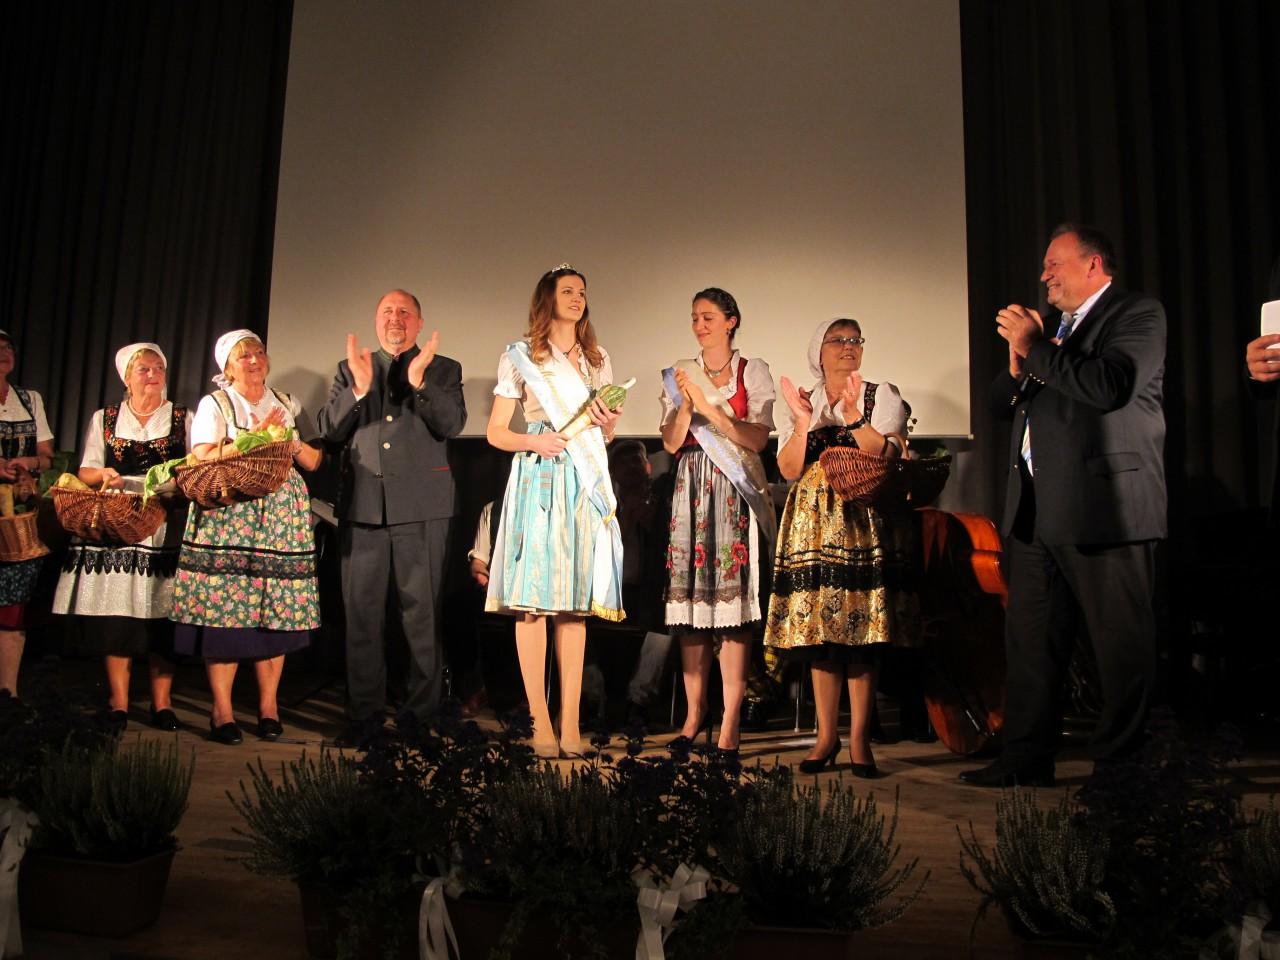 Baiersdorf hat eine neue Königin: Christine I. präsentiert sich erstmals der Öffentlichkeit.